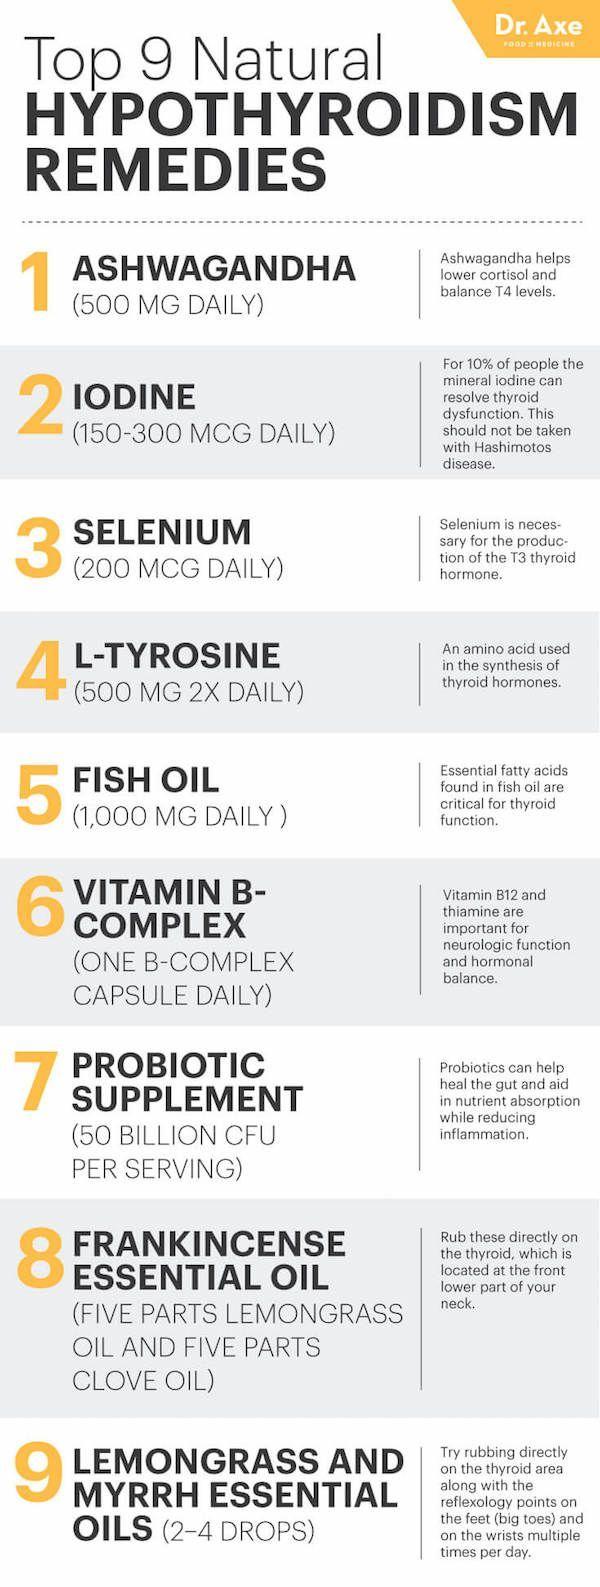 Top 9 Natural Hypothyroidism Treatments